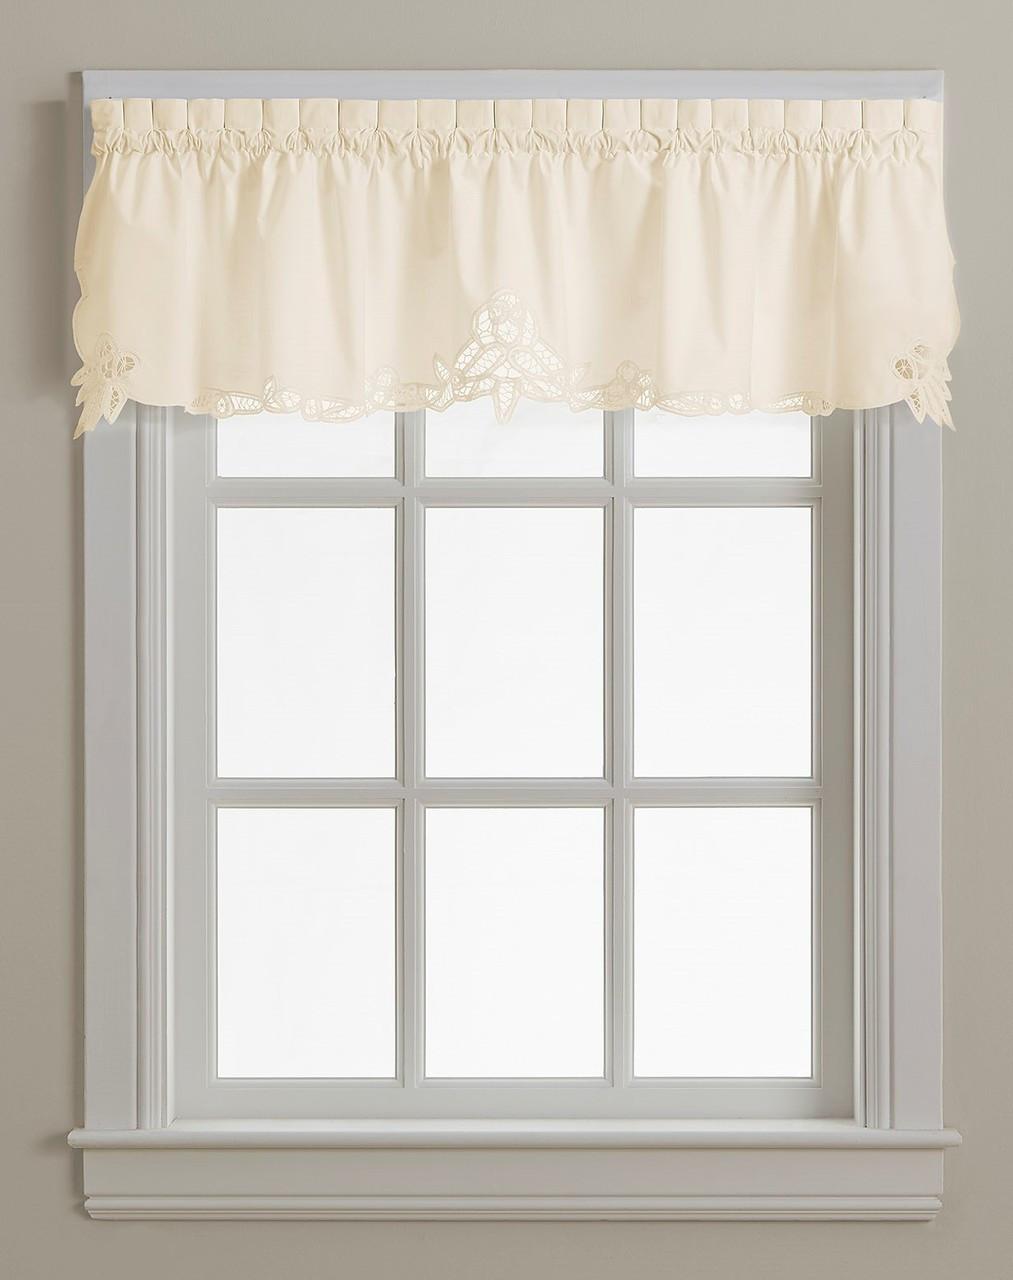 Battenburg Lace Cotton Kitchen Curtain Valance Ecru Linens4less Com